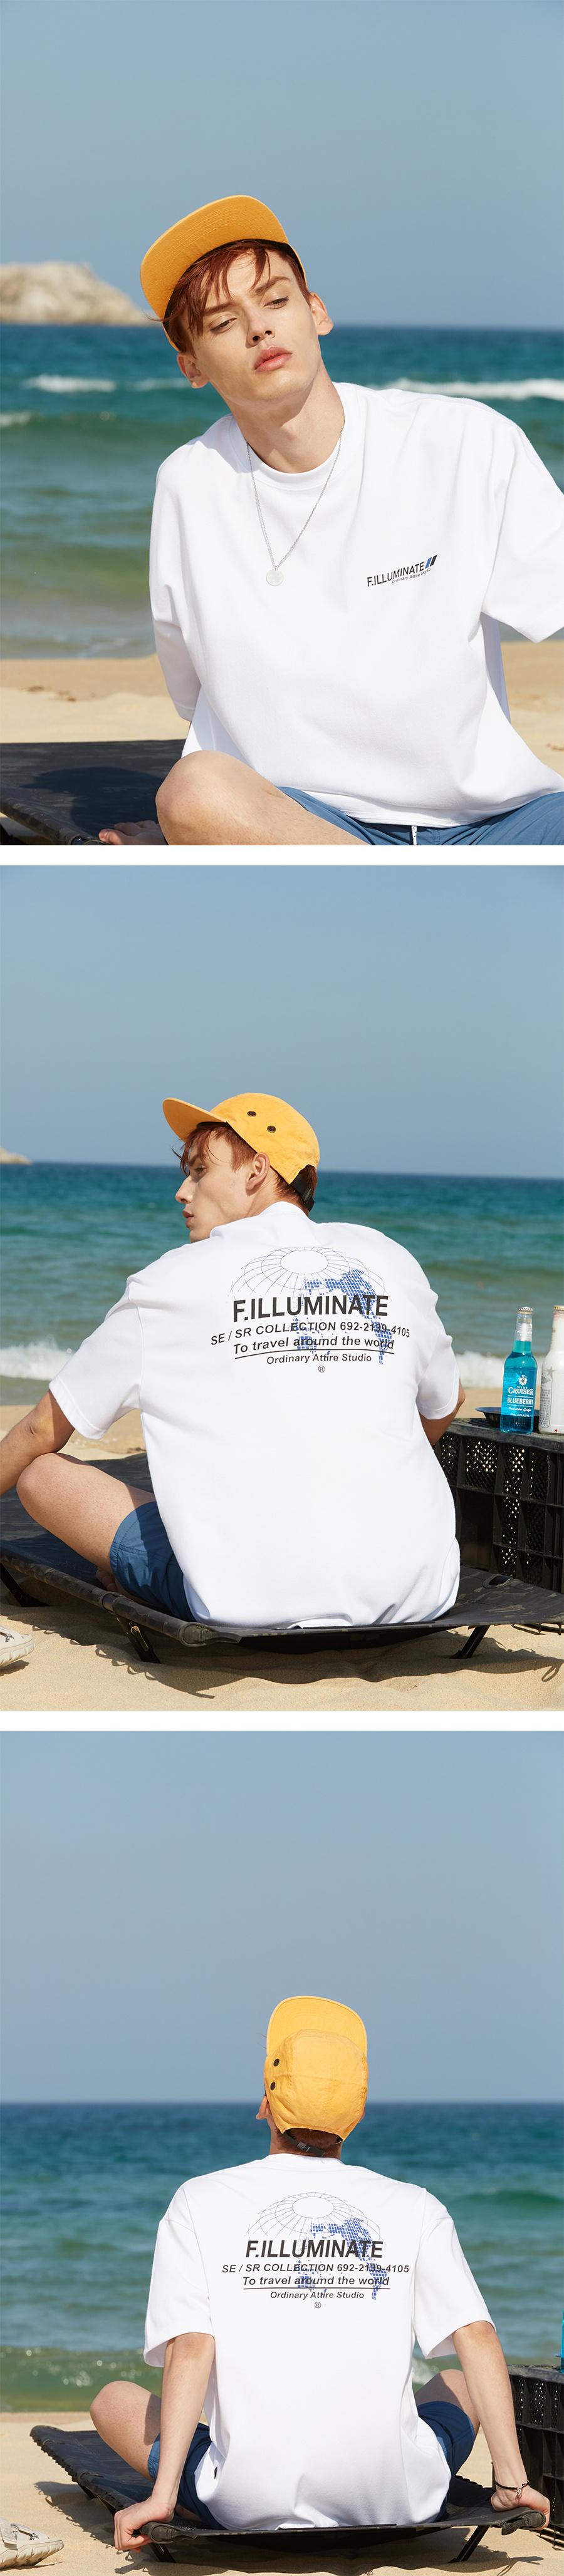 필루미네이트(FILLUMINATE) 유니섹스 오버핏 어스넷 로고 티-블랙